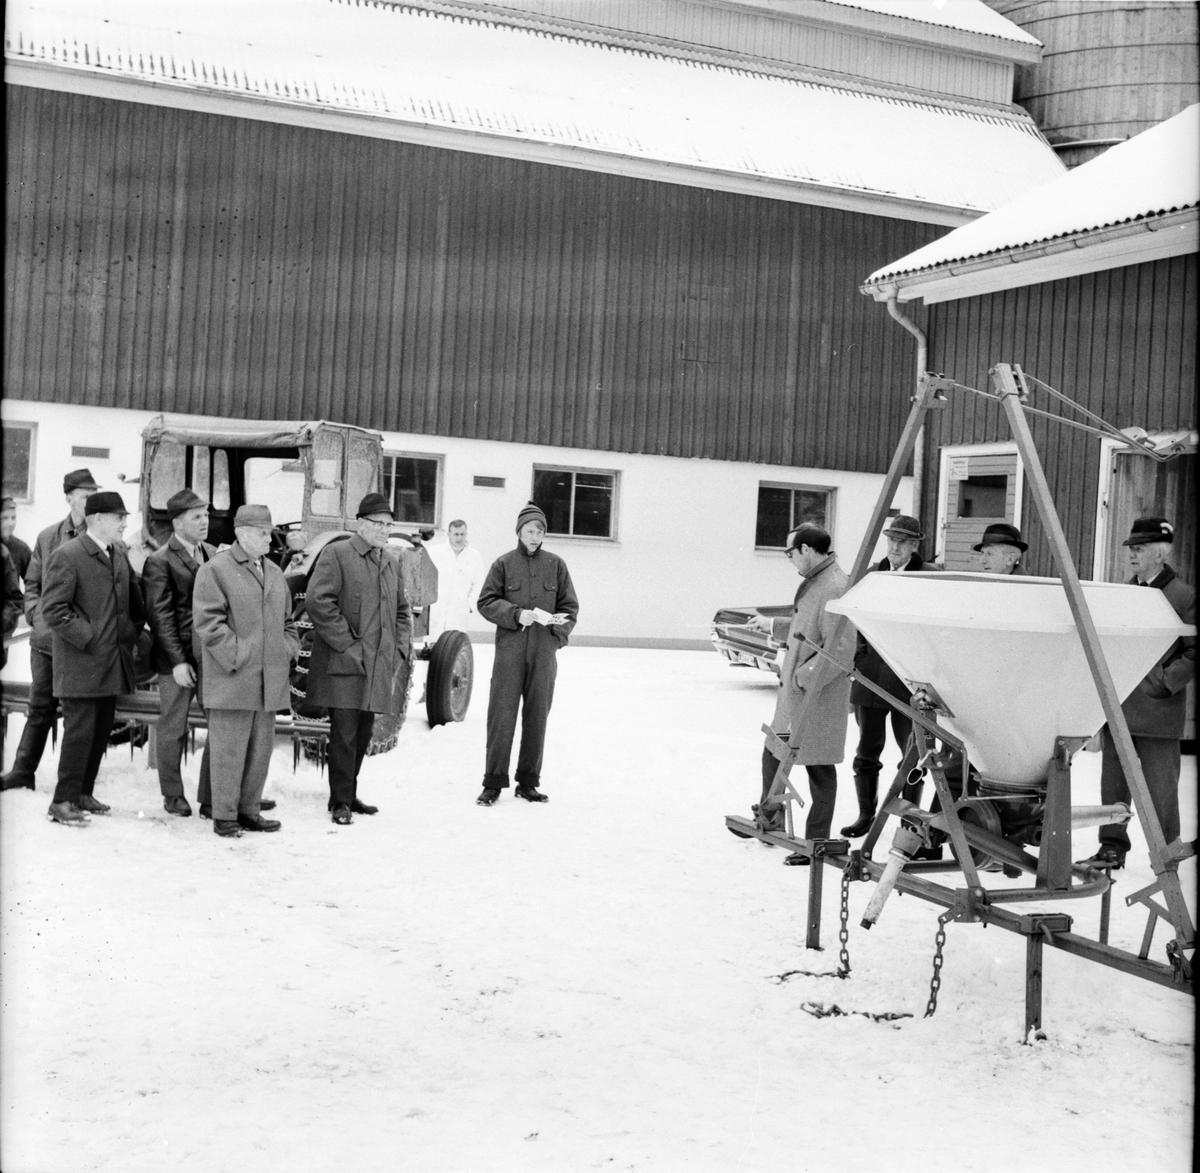 Arbrå, Maskinvisning på Nytorp, April 1969